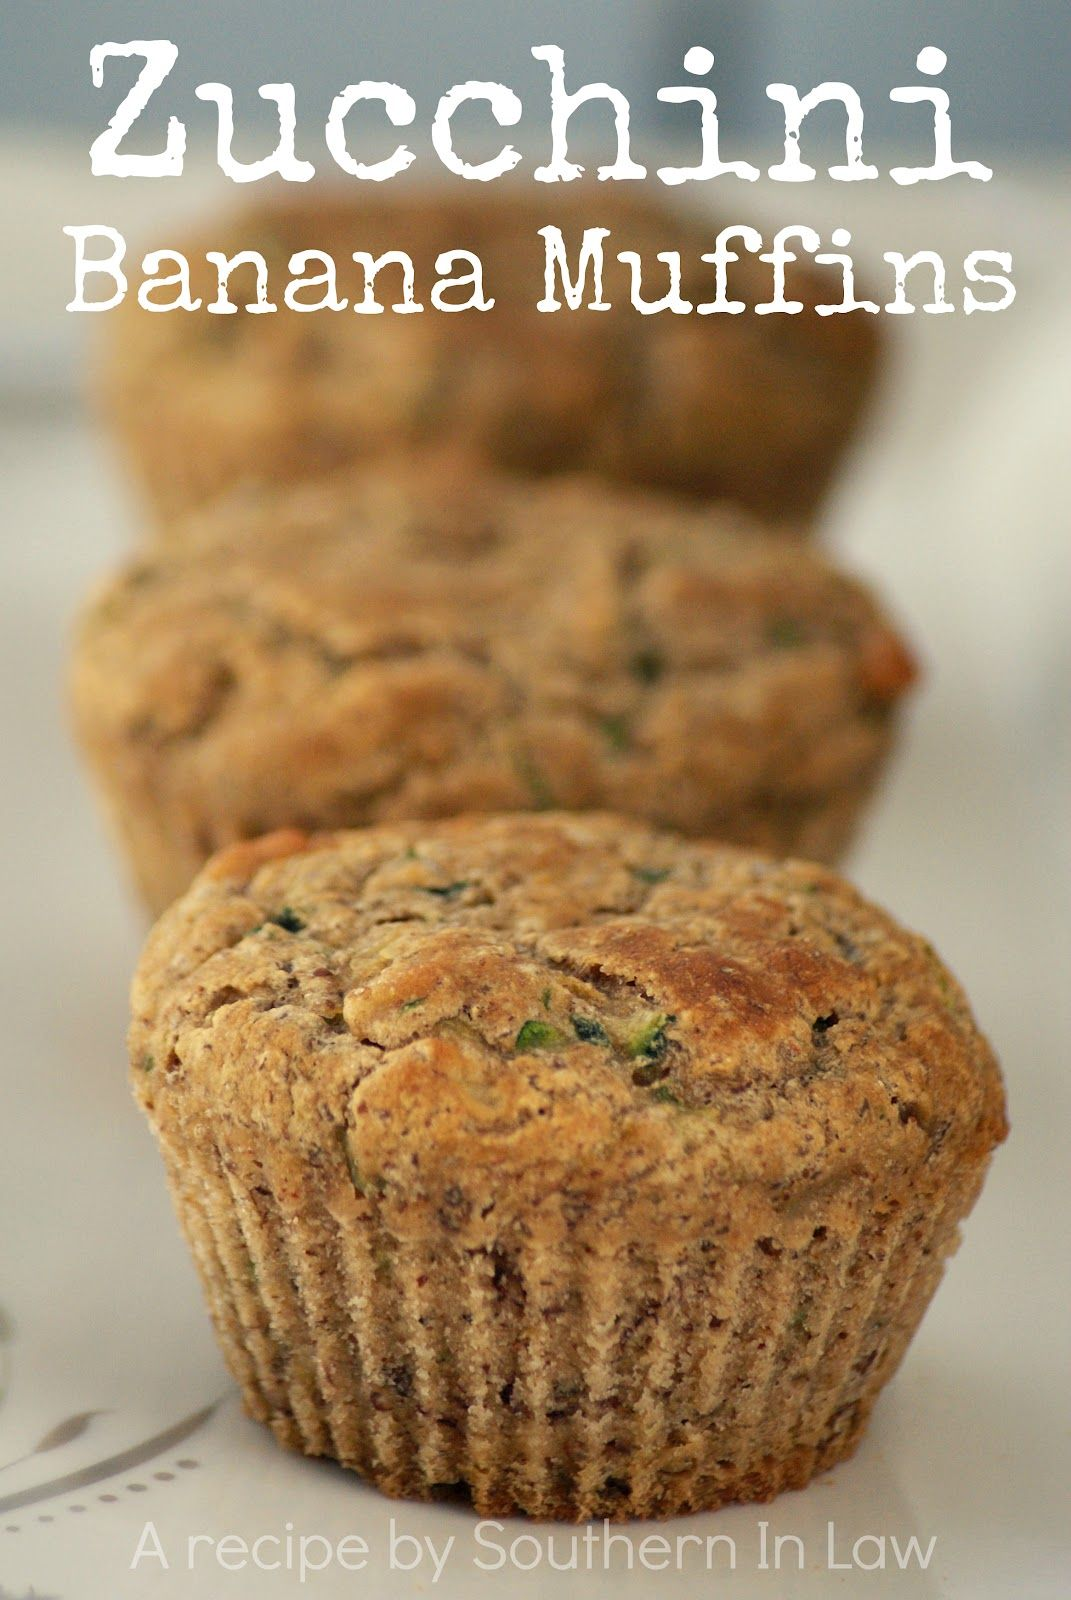 Recipe Zucchini Banana Muffins Banana Zucchini Muffins Zucchini Banana Almond Recipes